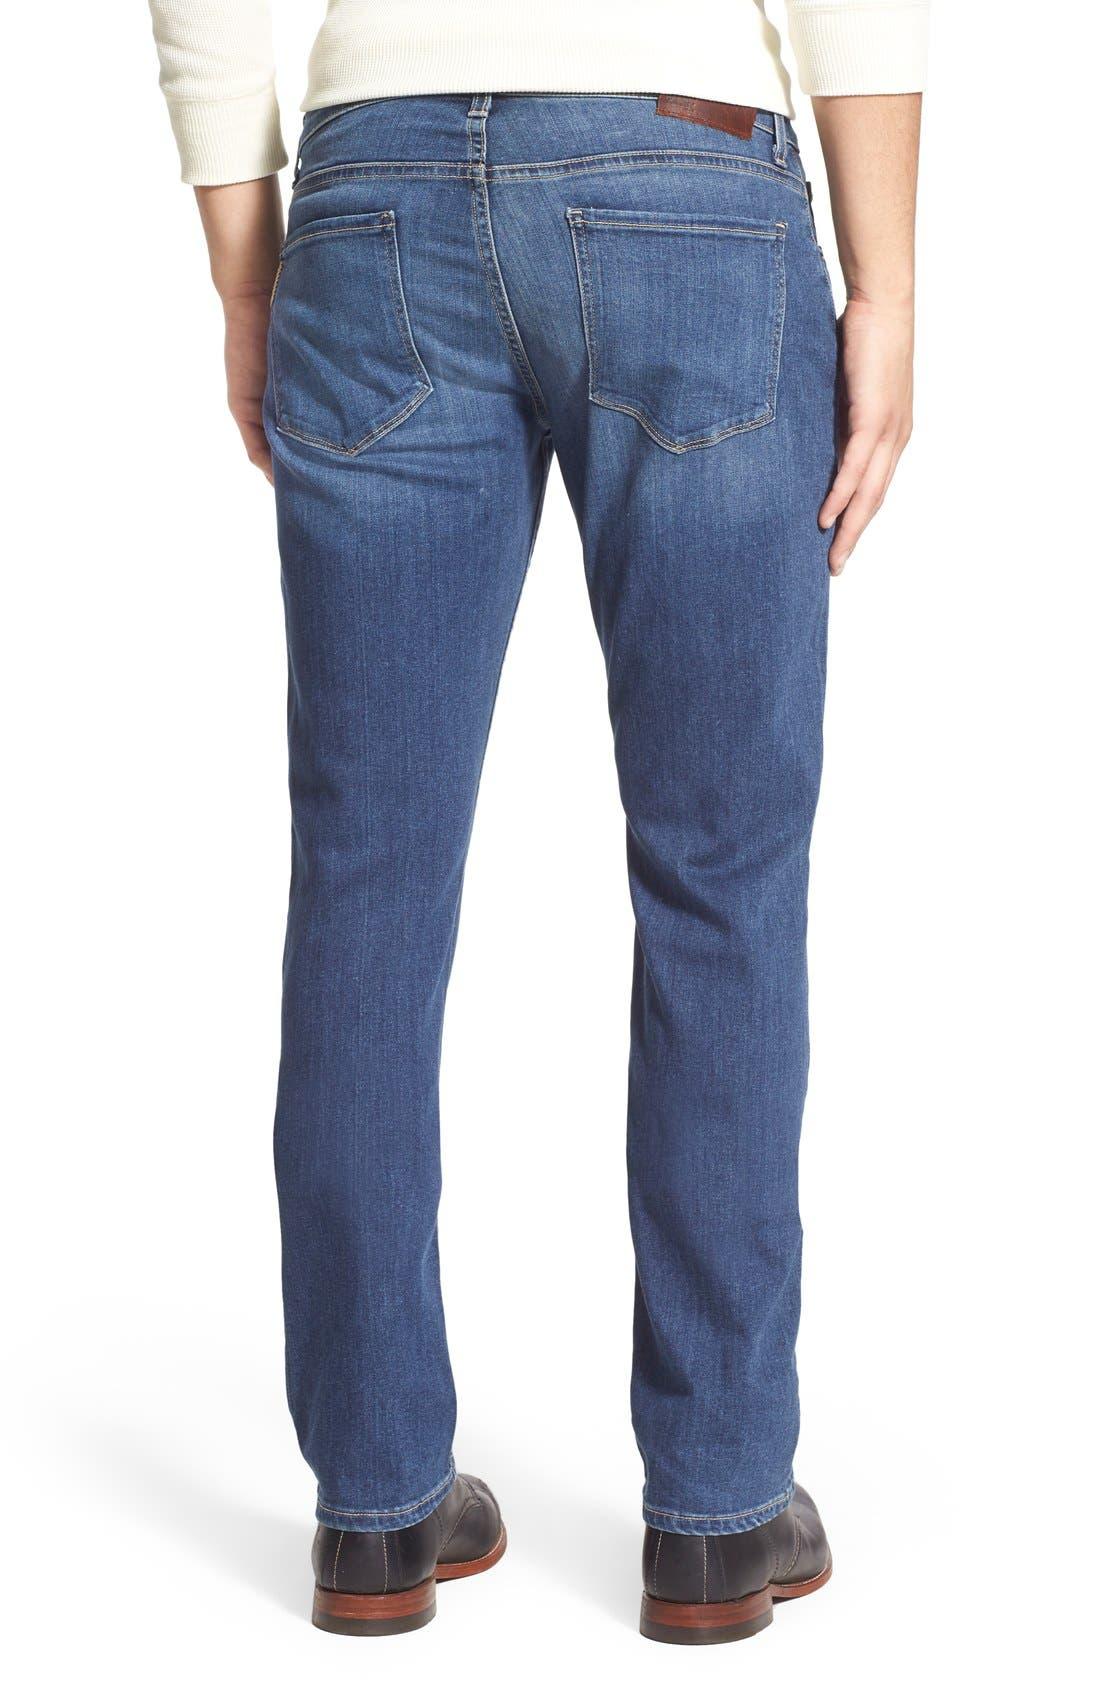 PAIGE, Transcend - Normandie Straight Leg Jeans, Alternate thumbnail 8, color, BIRCH